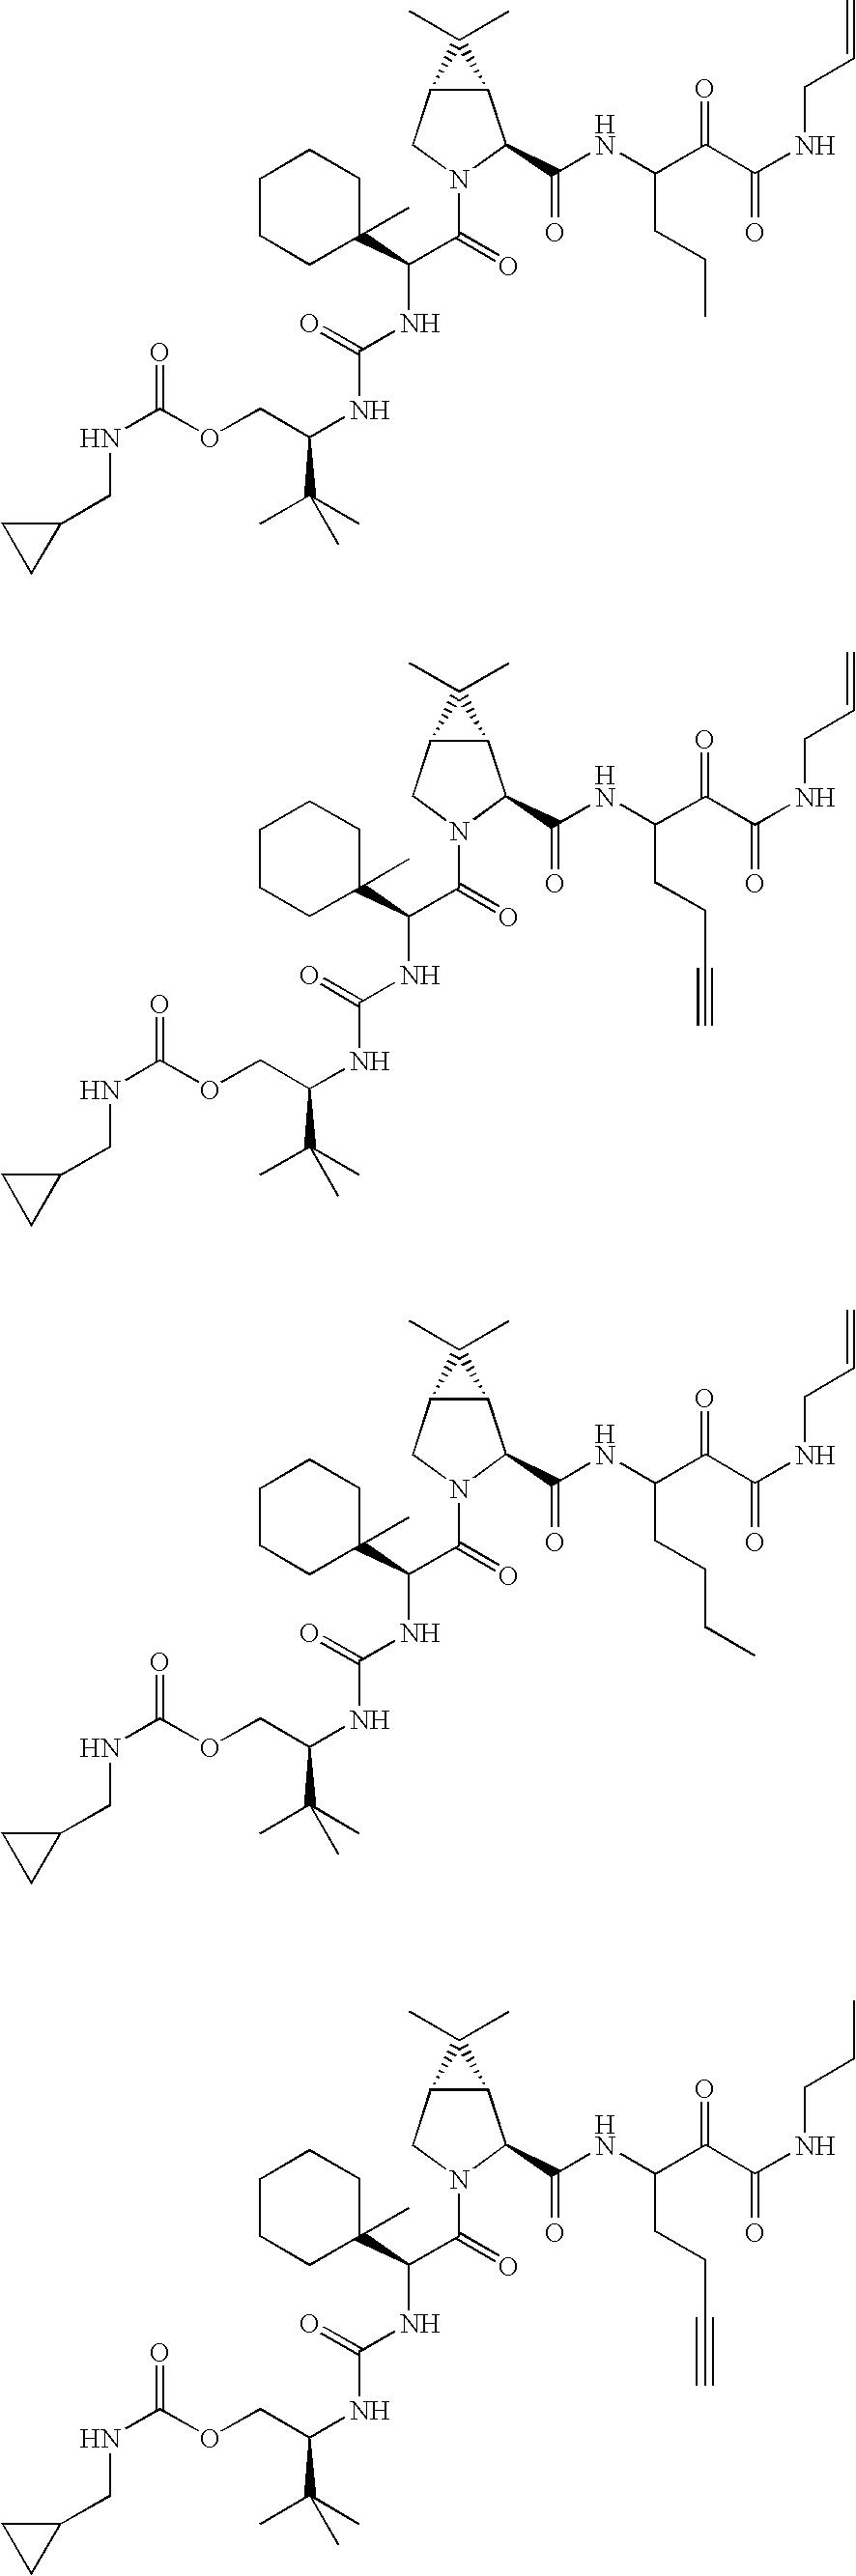 Figure US20060287248A1-20061221-C00380